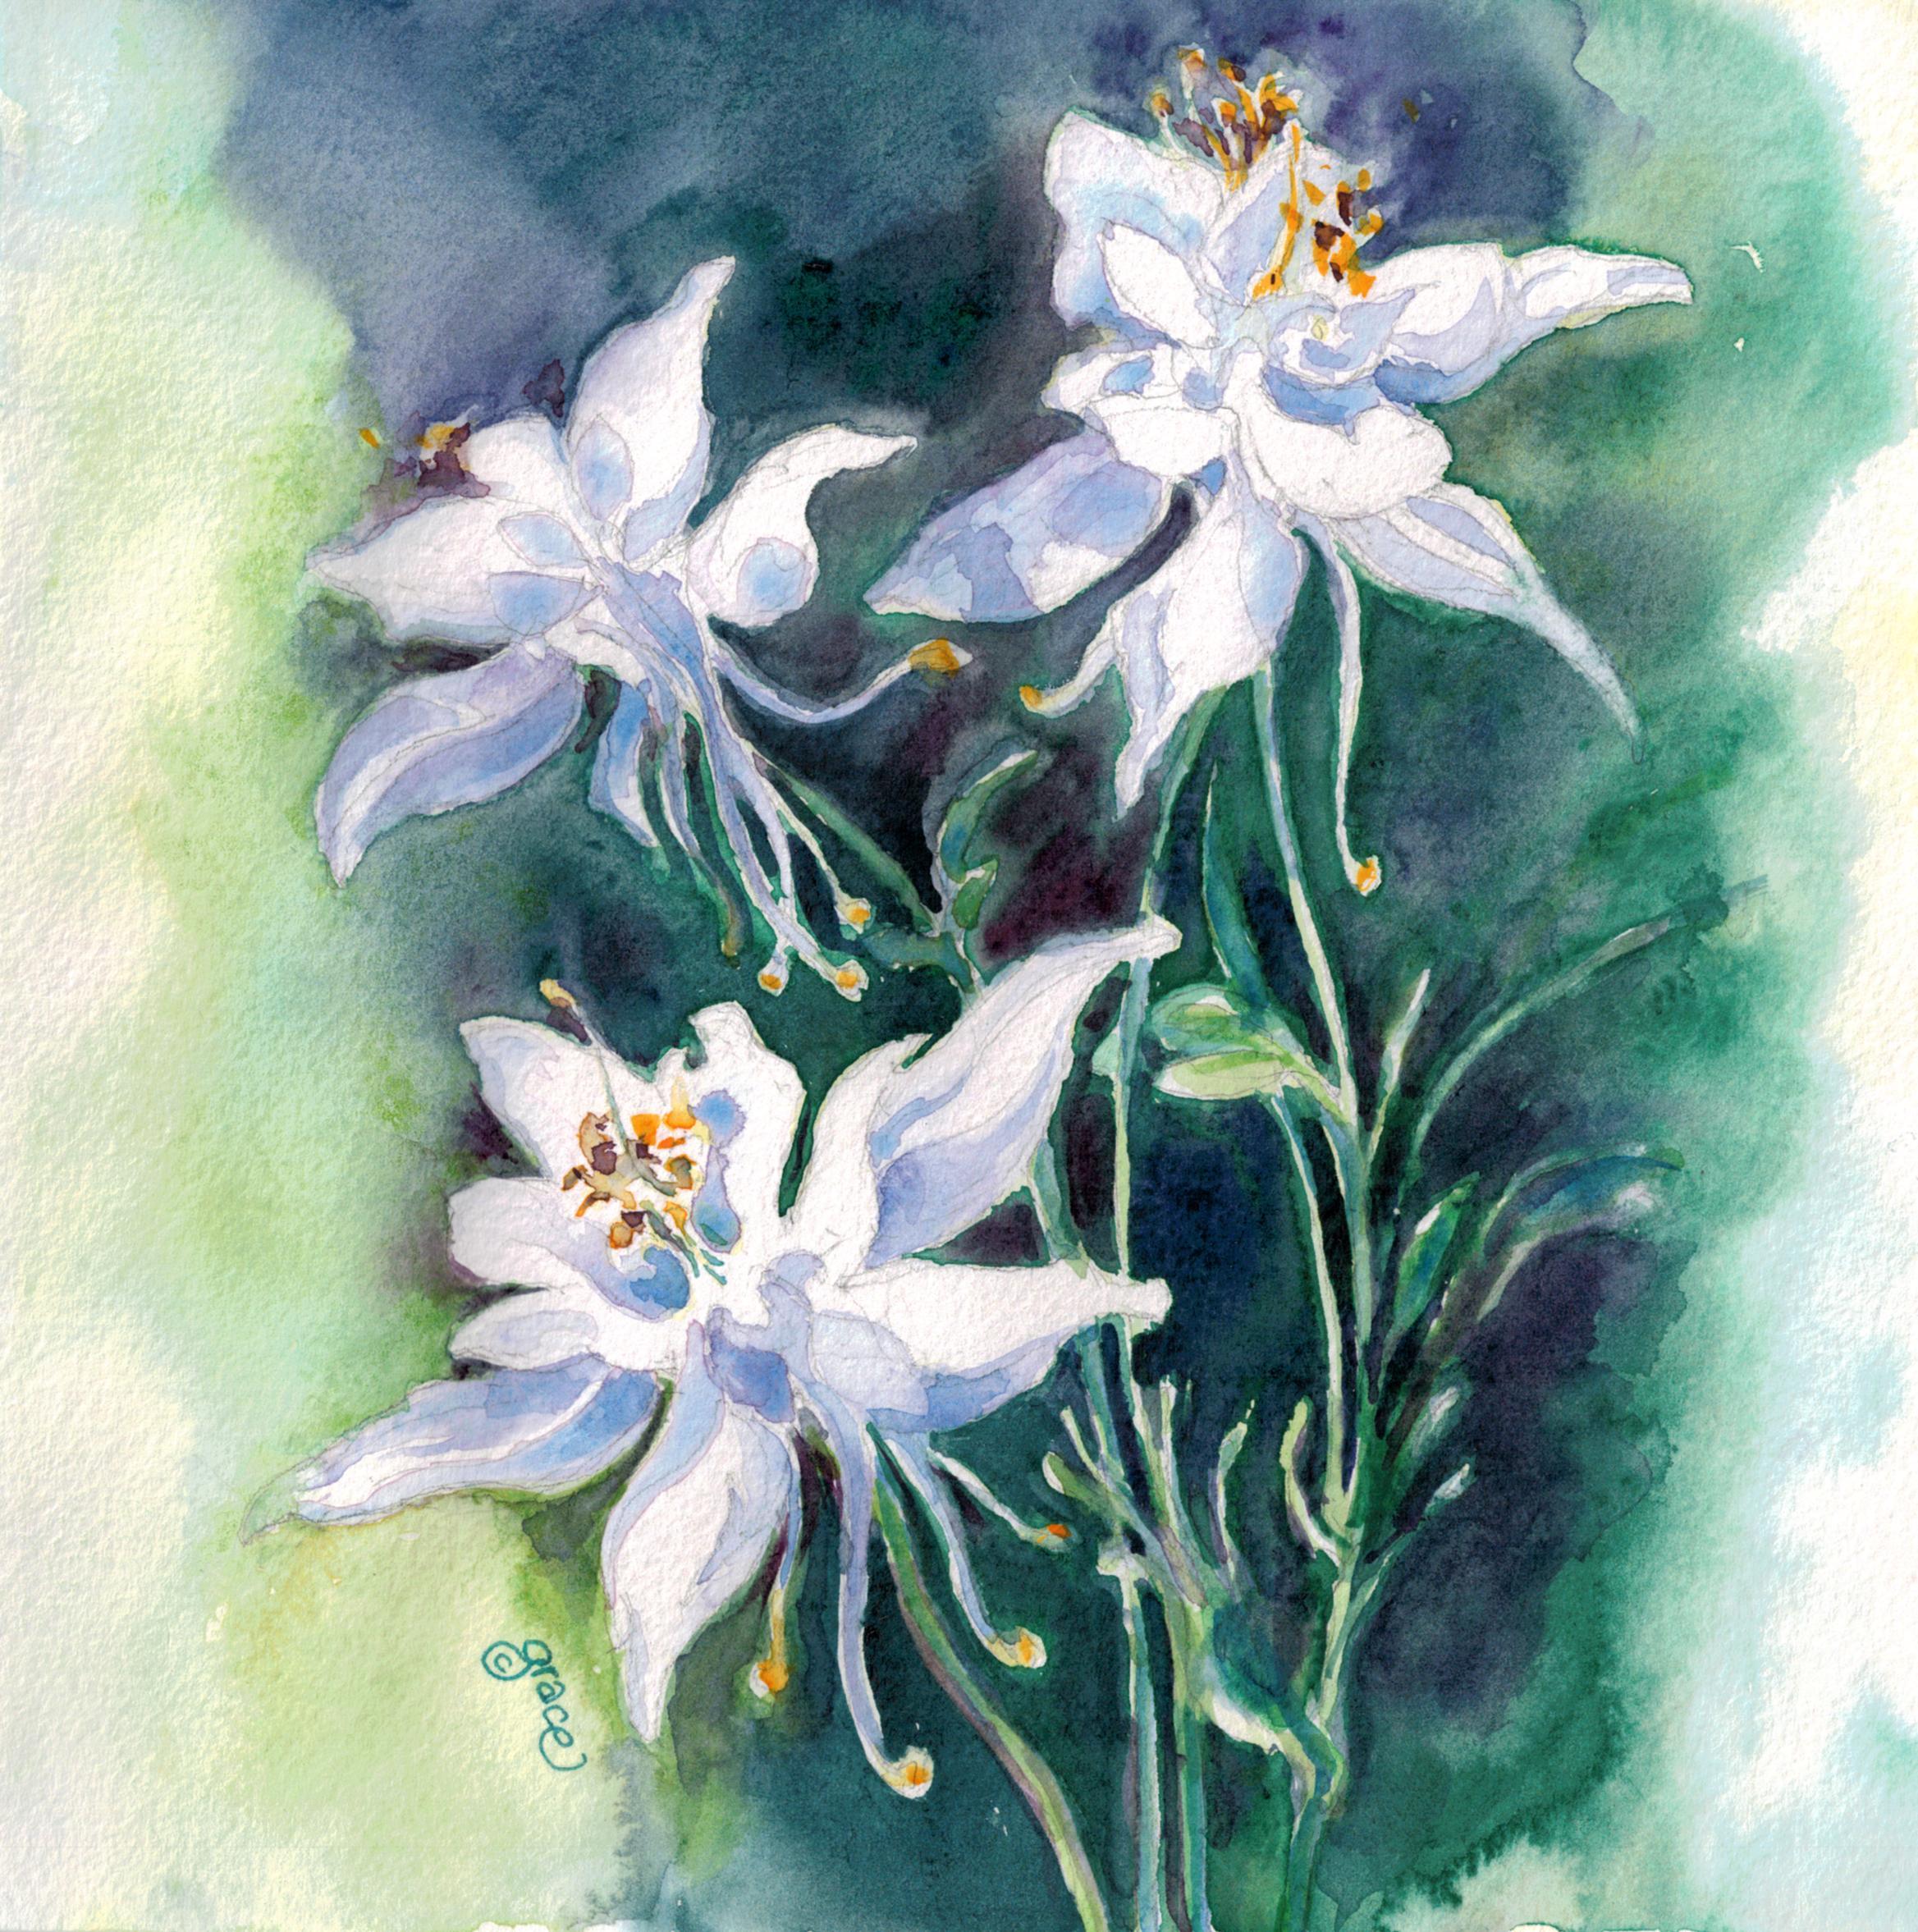 GUEST DOODLEWASH: WIldflowers